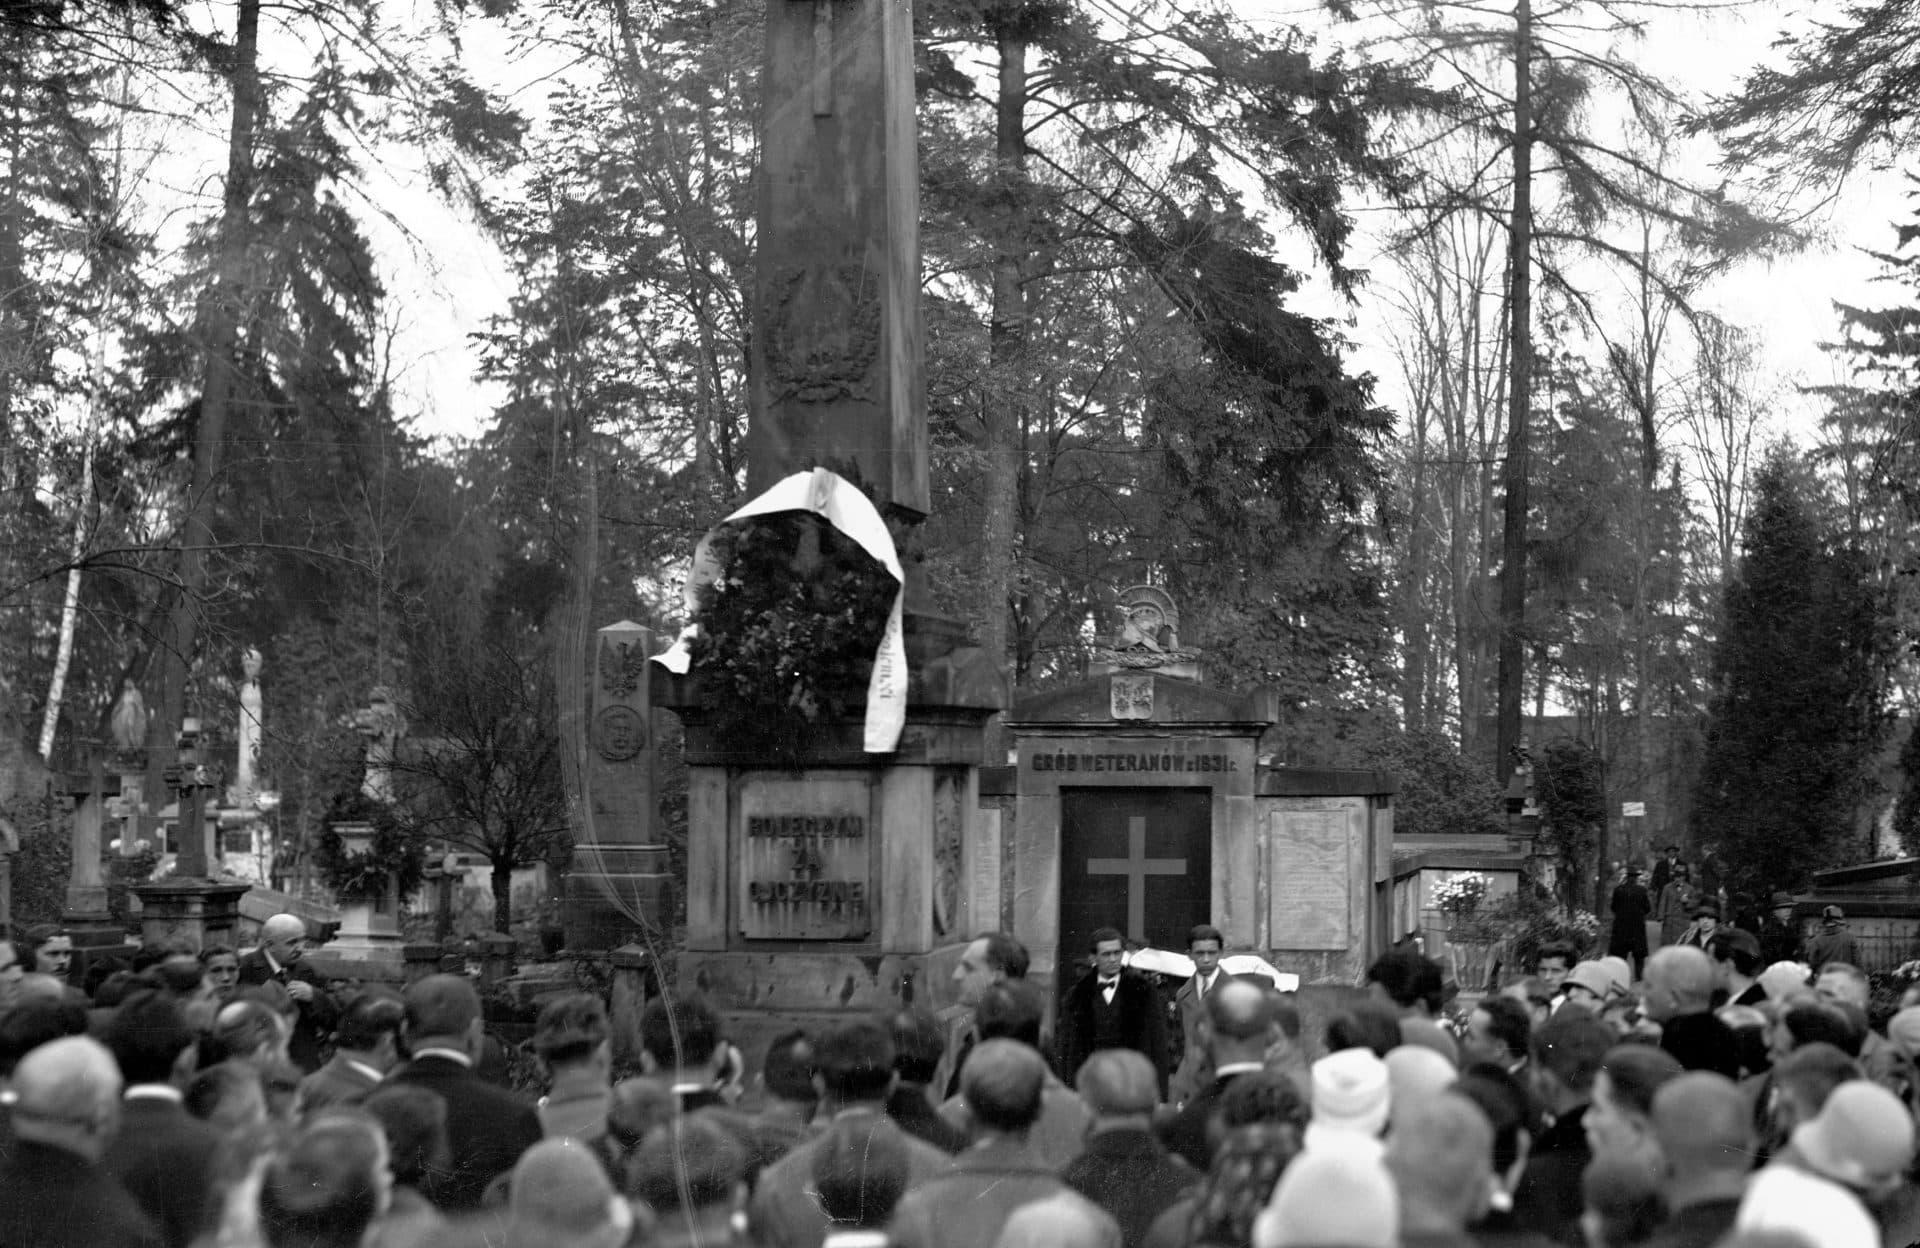 Złożenie kwiatów pod pomnikiem powstańców styczniowych i listopadowych na cmentarzy Rakowickim. 1928 rok. Źródło: NAC.